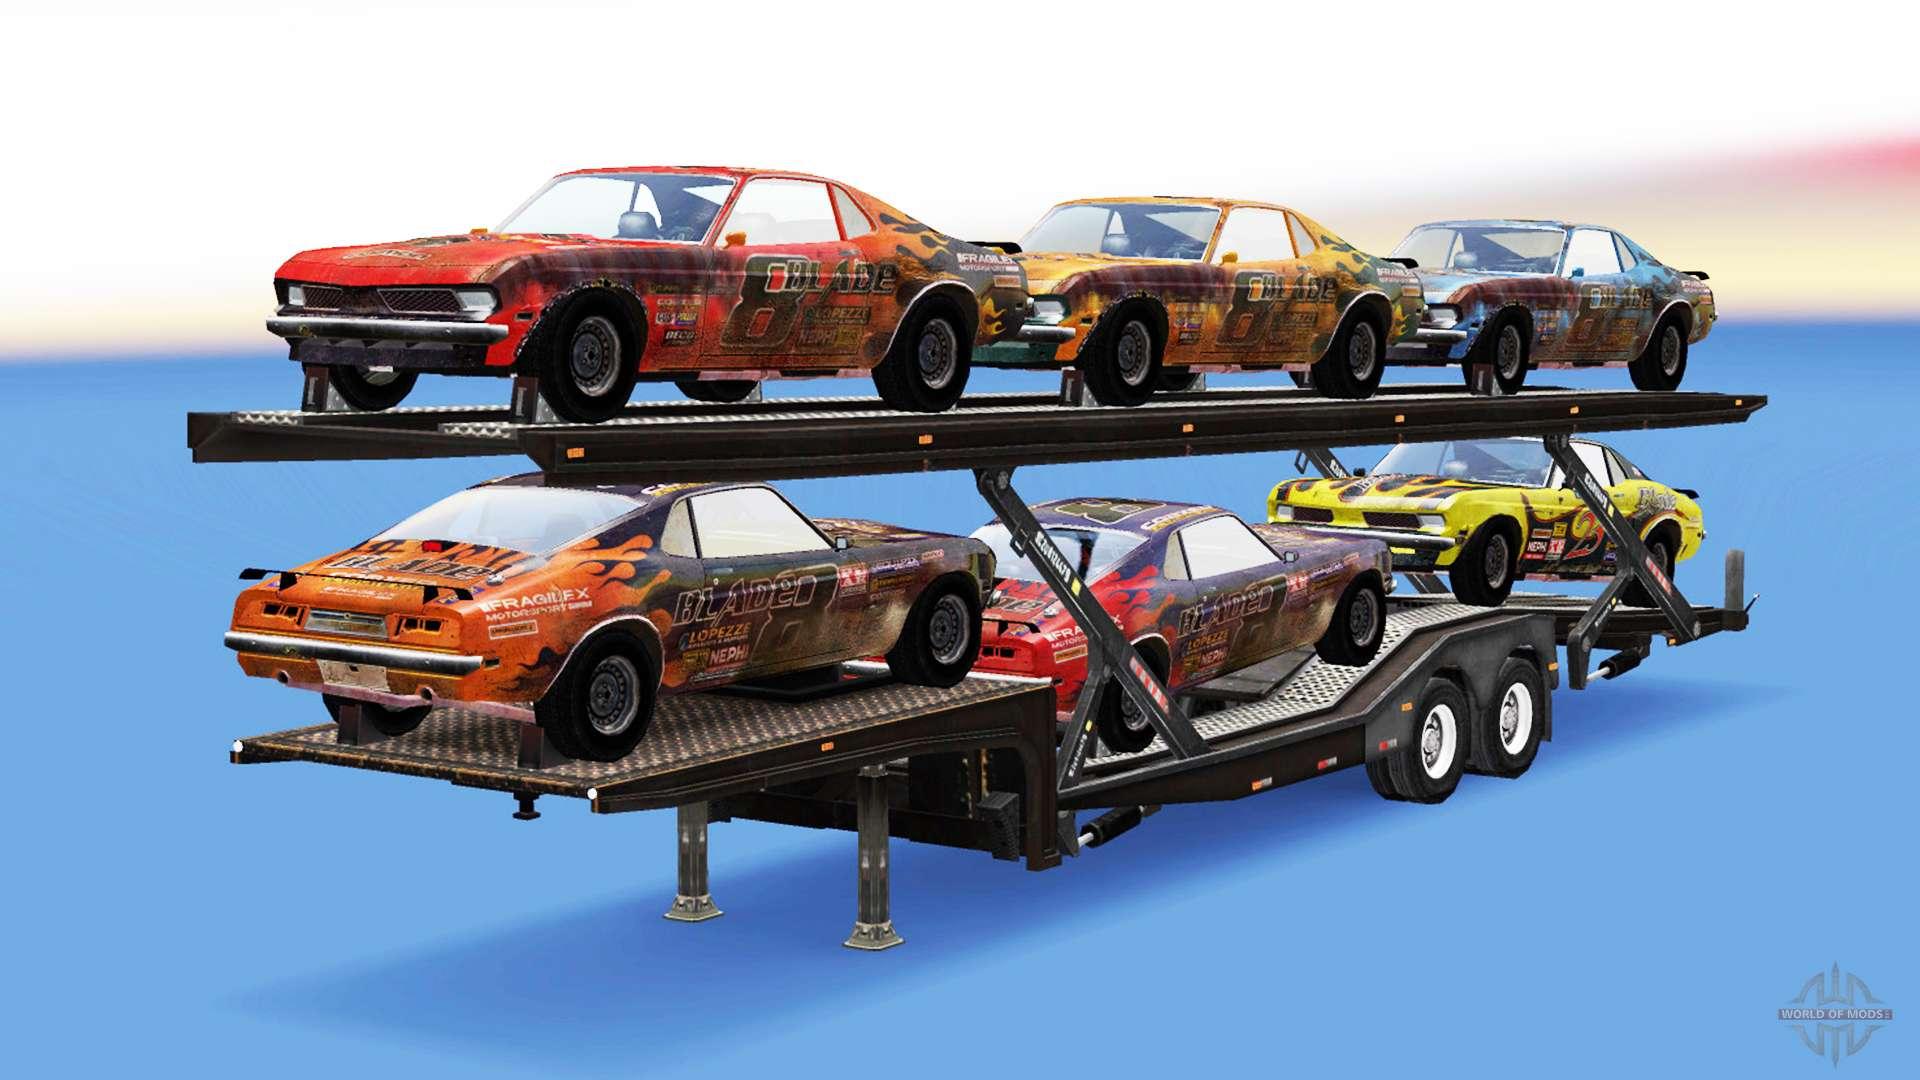 transporteur de voitures avec des voitures de flatout pour american truck simulator. Black Bedroom Furniture Sets. Home Design Ideas